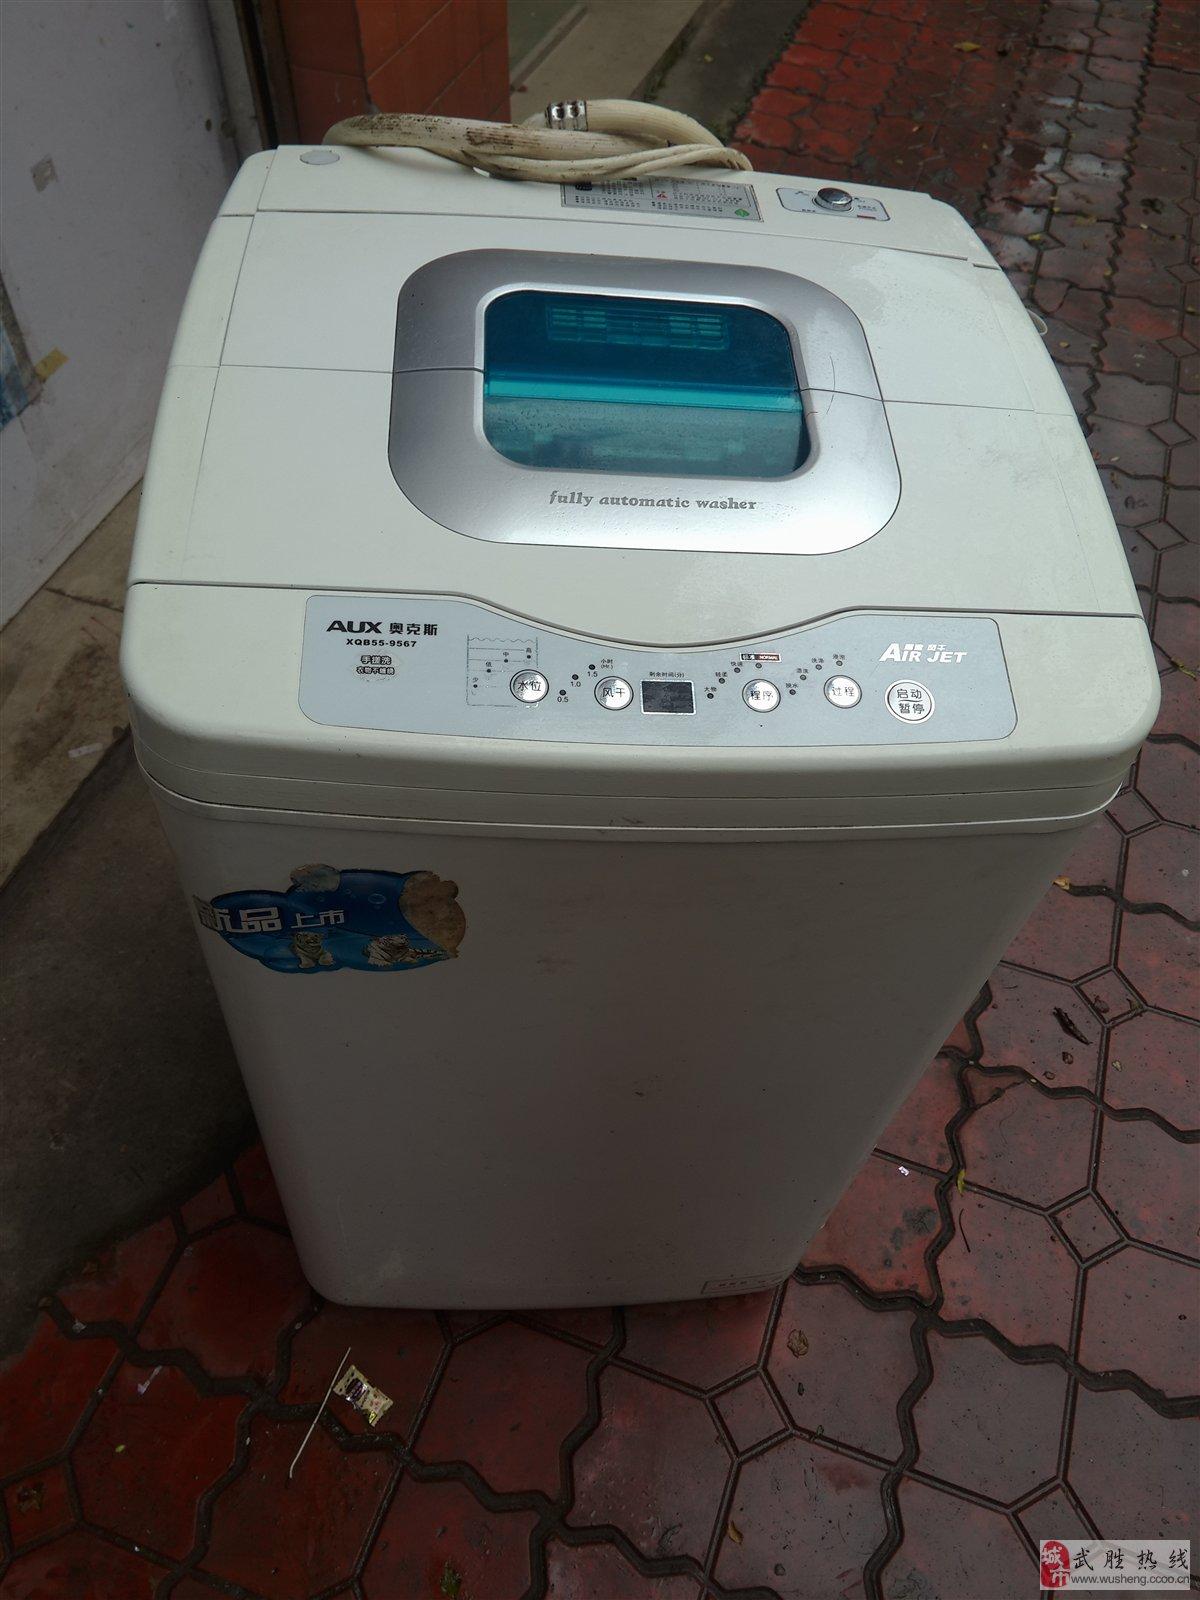 八成新奥克斯全自动洗衣机低价出售